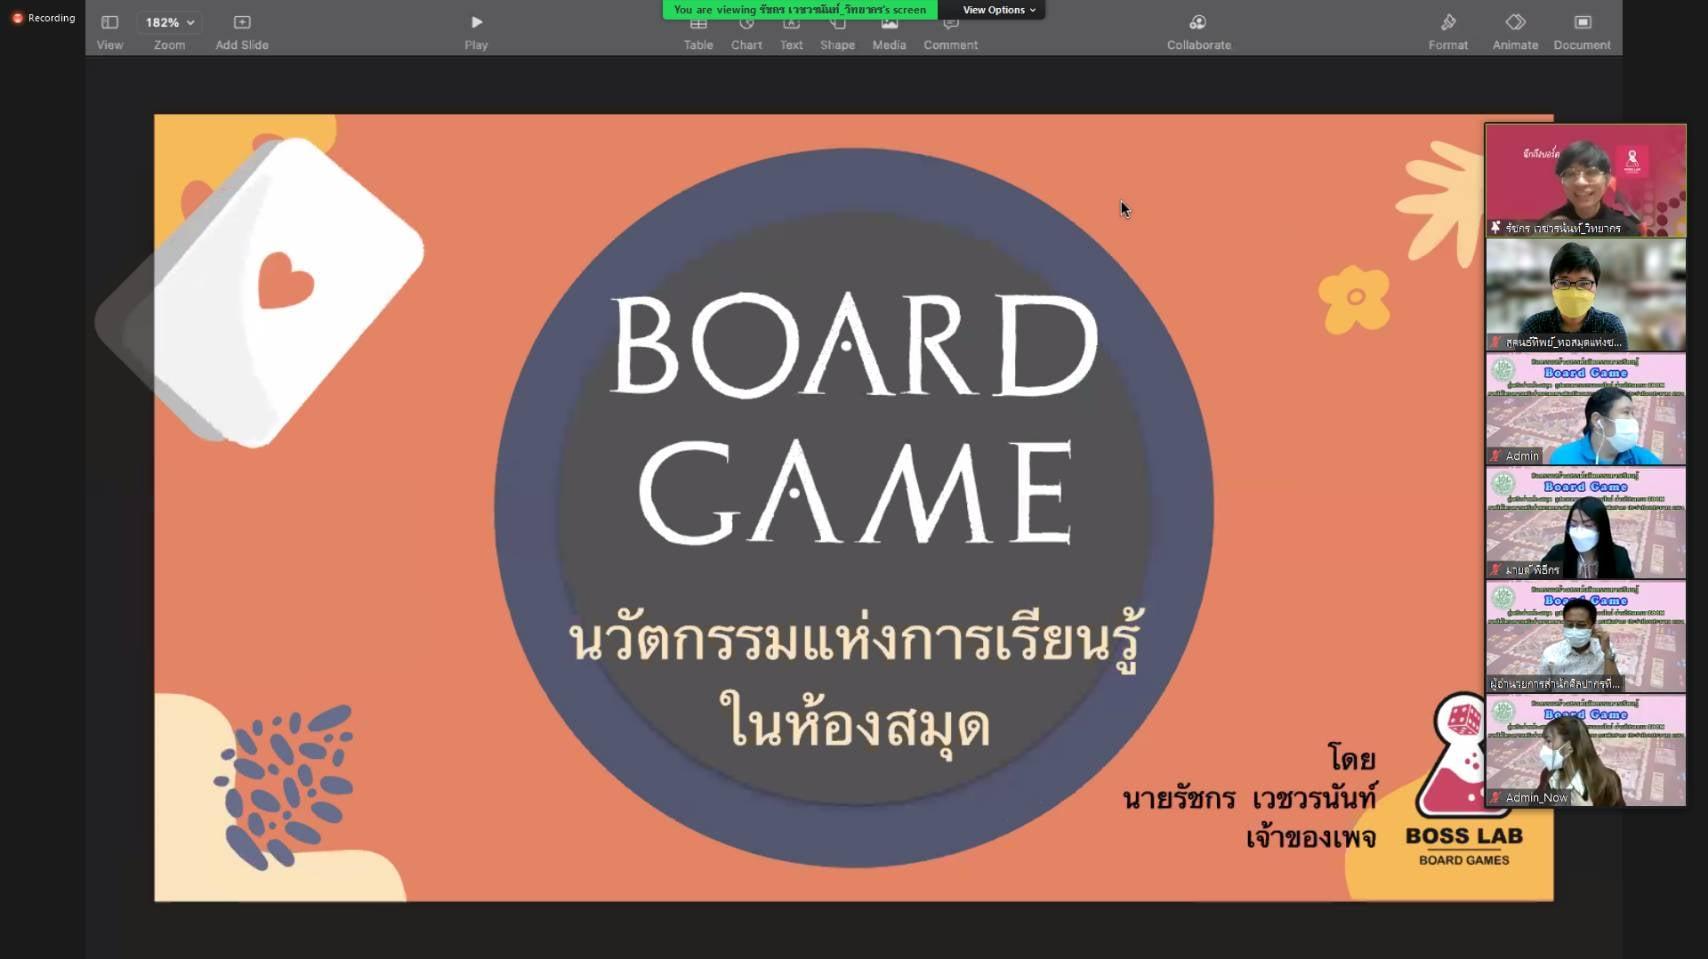 นางสาวสุคนธ์ทิพย์ จันทะลุน และนางสาวพิมพา สุธัญญาวัชชัย บรรณารักษ์ชำนาญการ หอสมุดแห่งชาติรัชมังคลาภิเษก เชียงใหม่ เข้าร่วมอบรมเชิงปฏิบัติการสร้างสรรค์นวัตกรรมการเรียนรู้ Board Game สู่เครือข่ายห้องสมุด